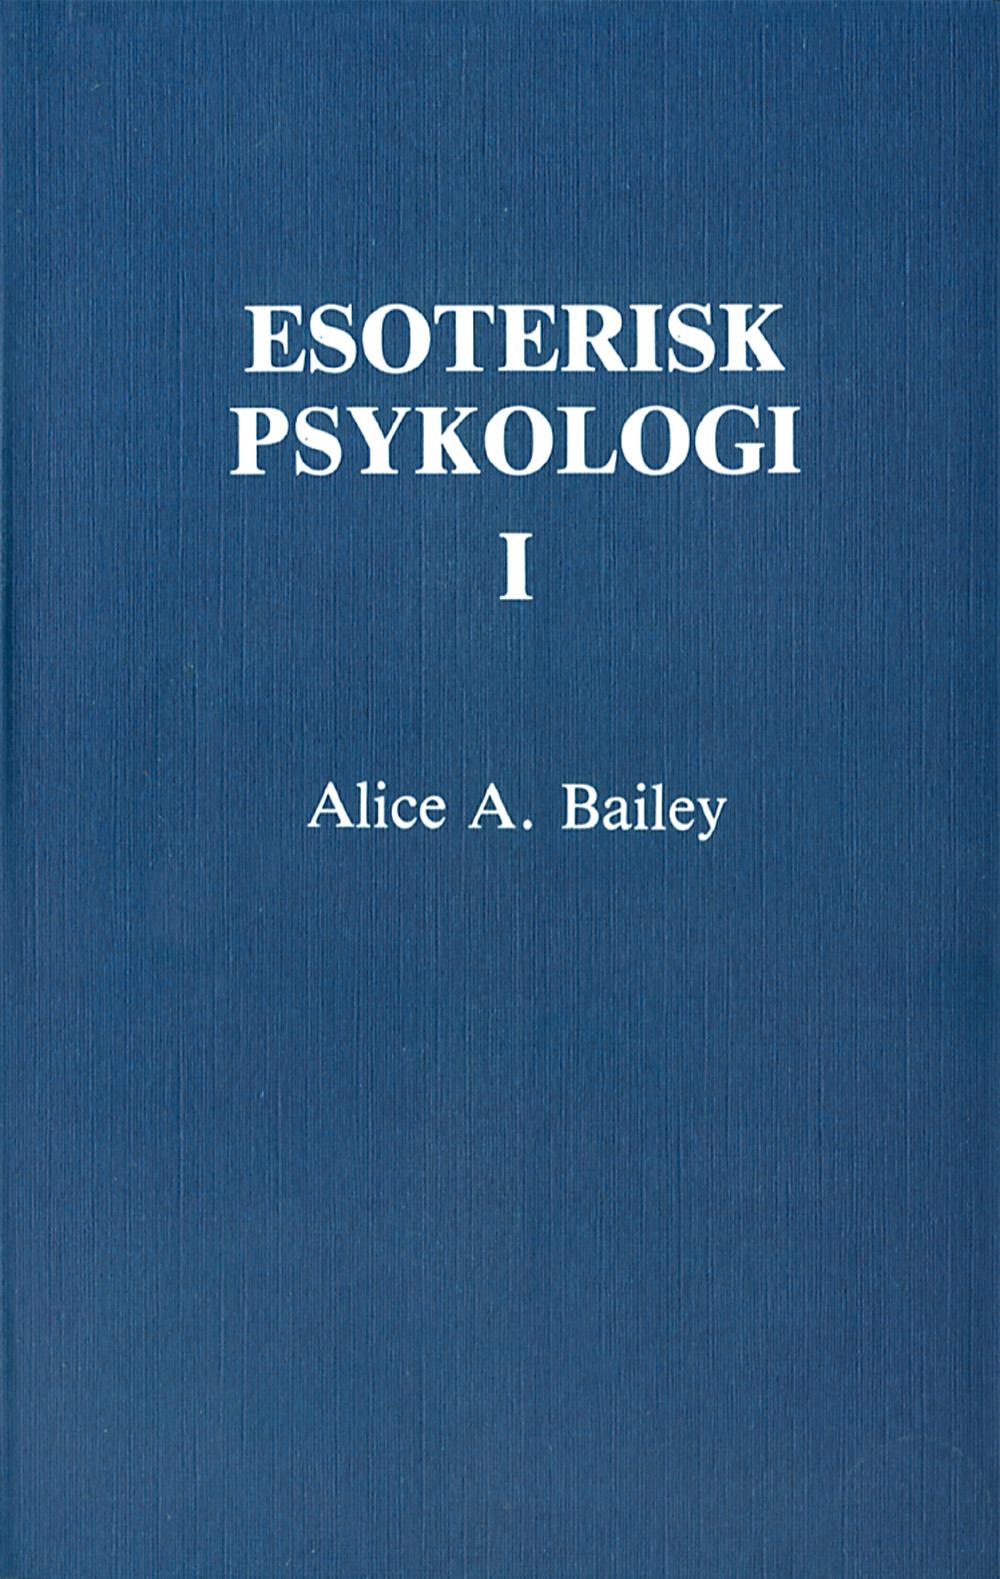 Esoterisk psykologi. 1 (2u) av Alice A Bailey